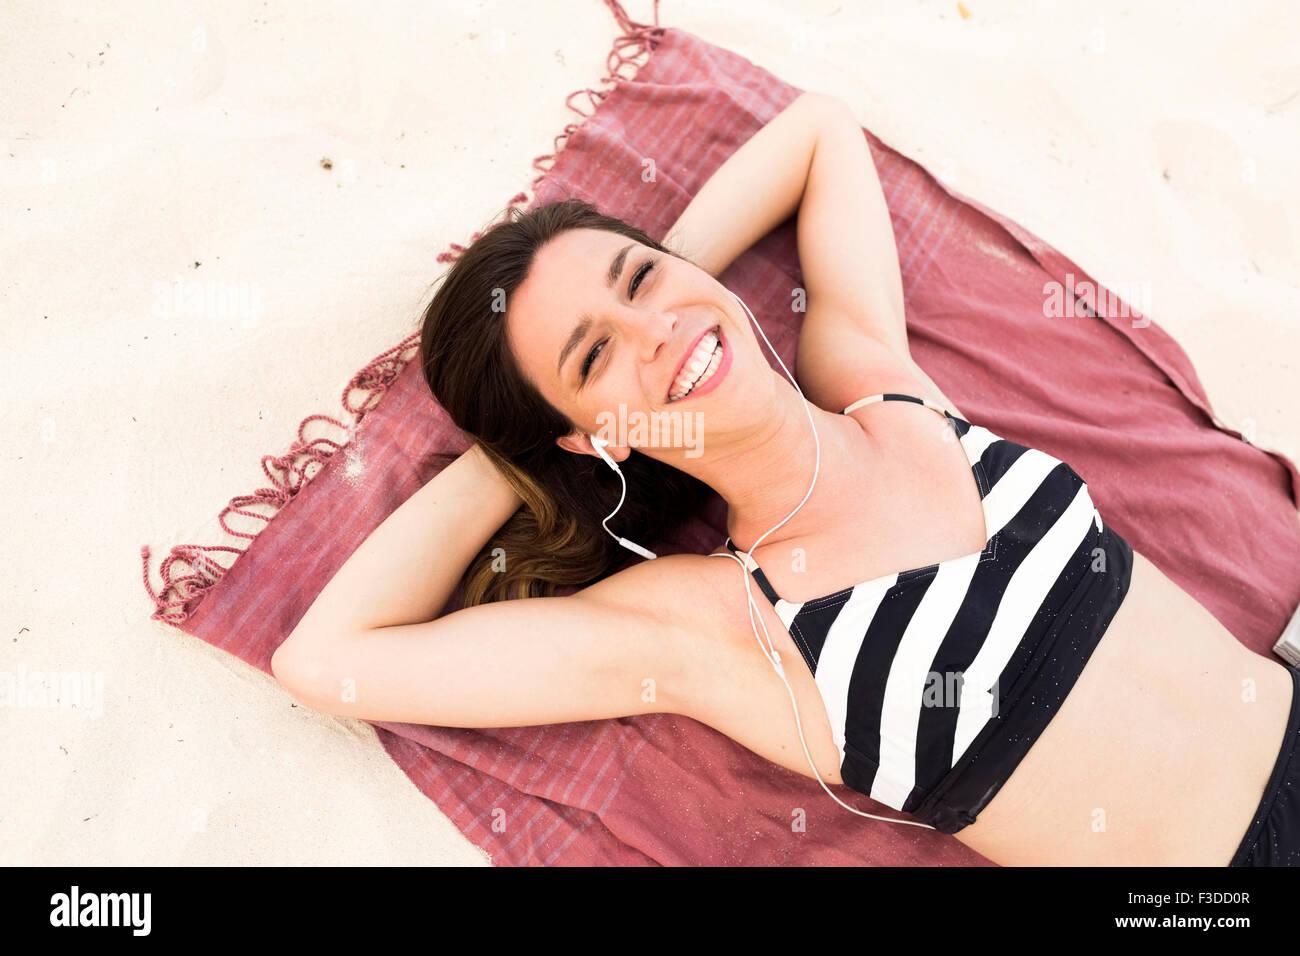 Woman in bikini relaxing on beach - Stock Image